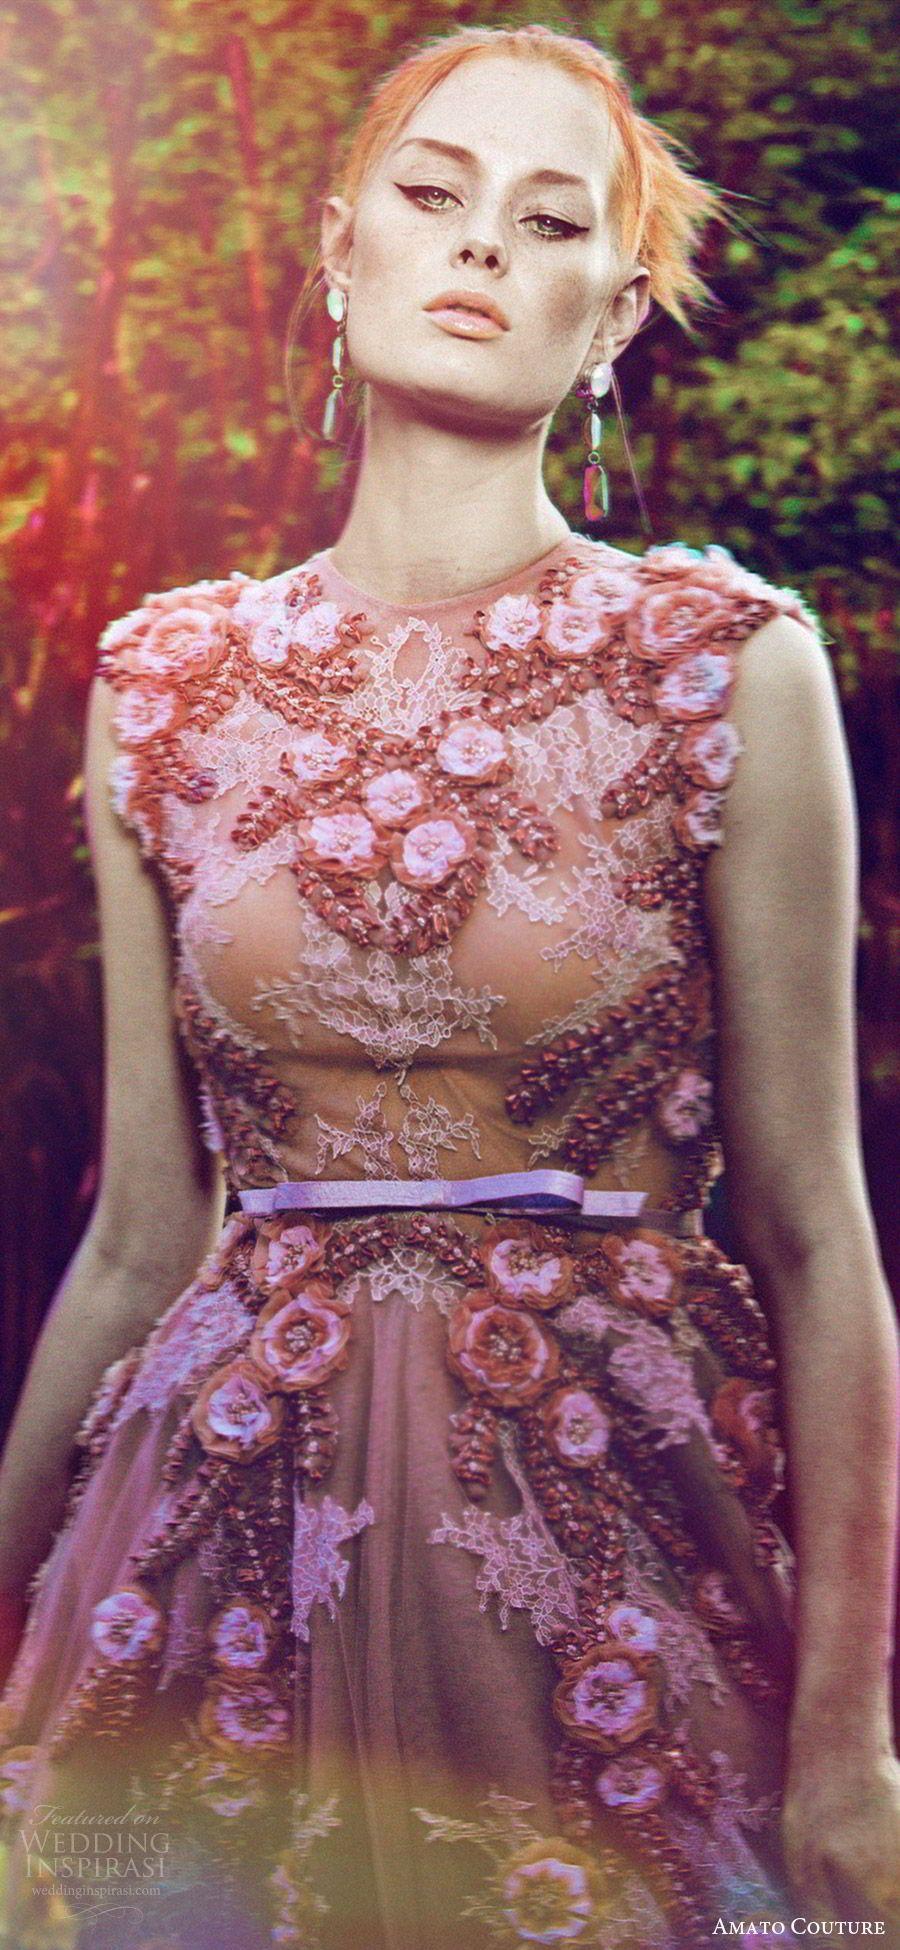 """Amato Couture 2017 Collection — """"The Secret Garden"""" Shoot"""